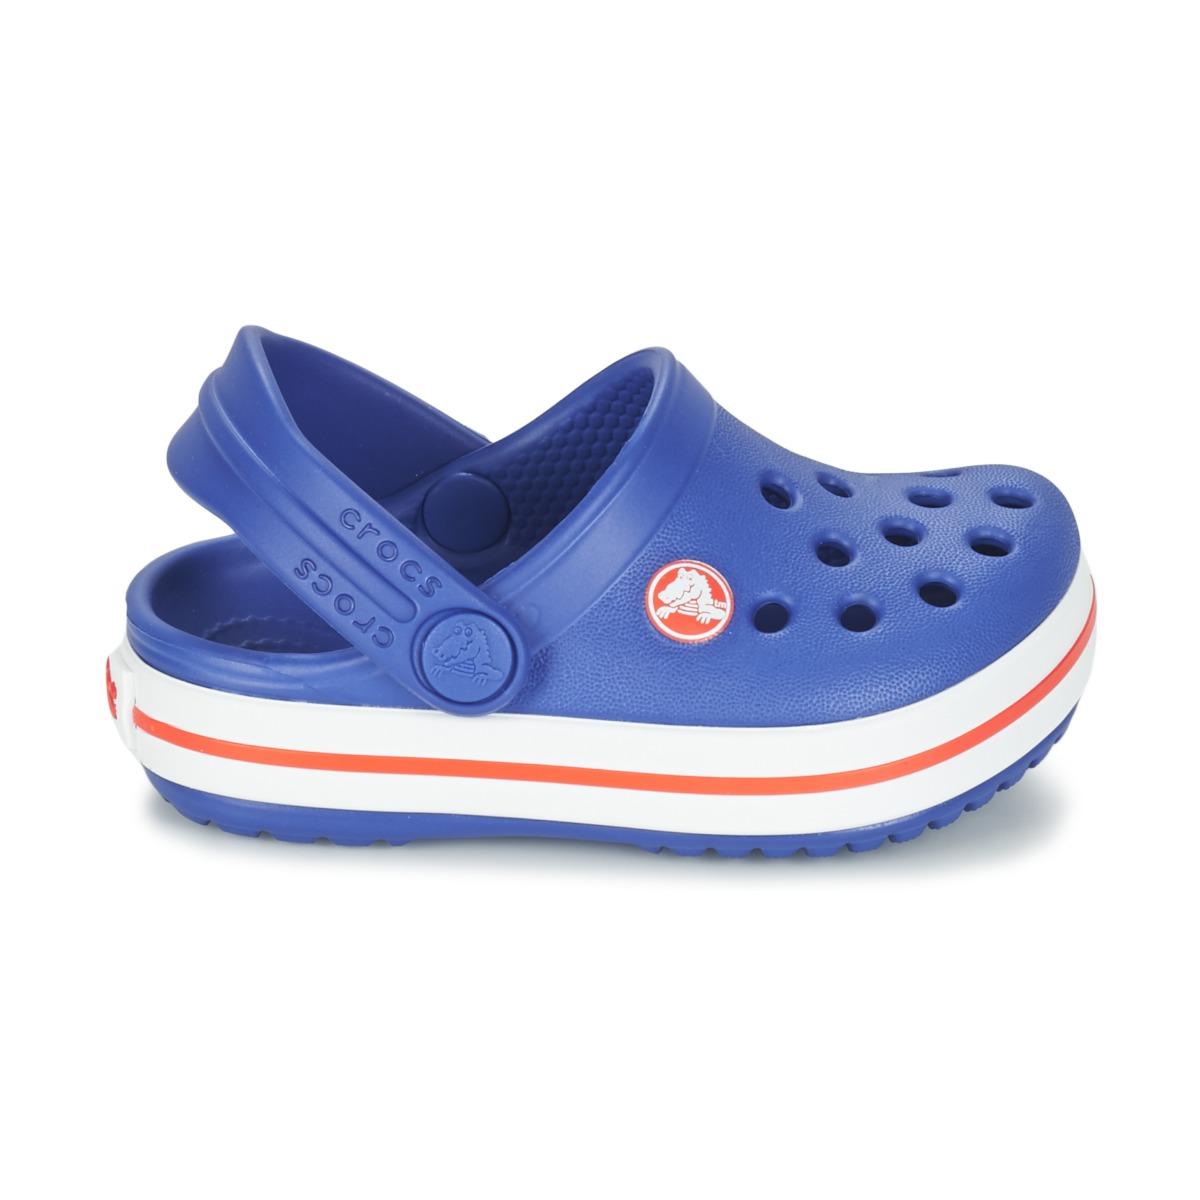 Τσόκαρα Crocs Crocband Clog Kids 782c351efb8